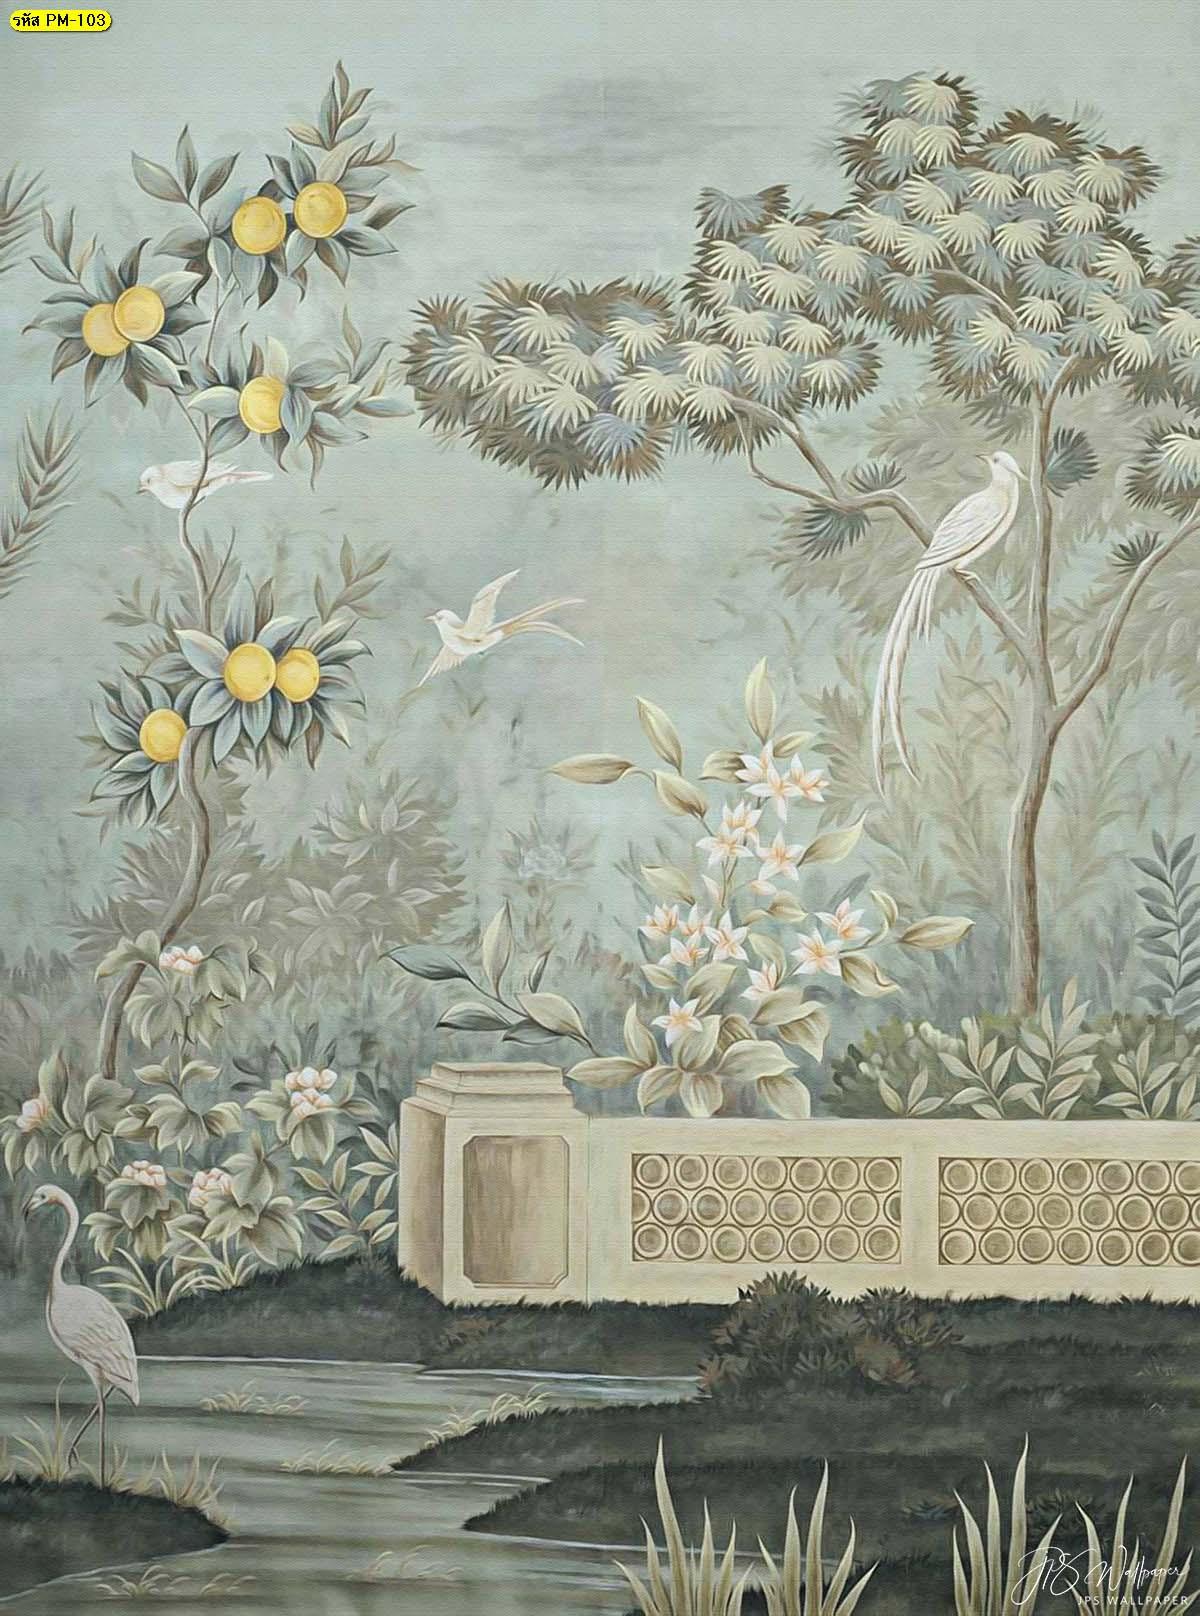 วอลเปเปอร์ลายดอกไม้วินเทจ วอลเปเปอร์ติดห้องนอน สั่งทำวอลเปเปอร์หรูๆ